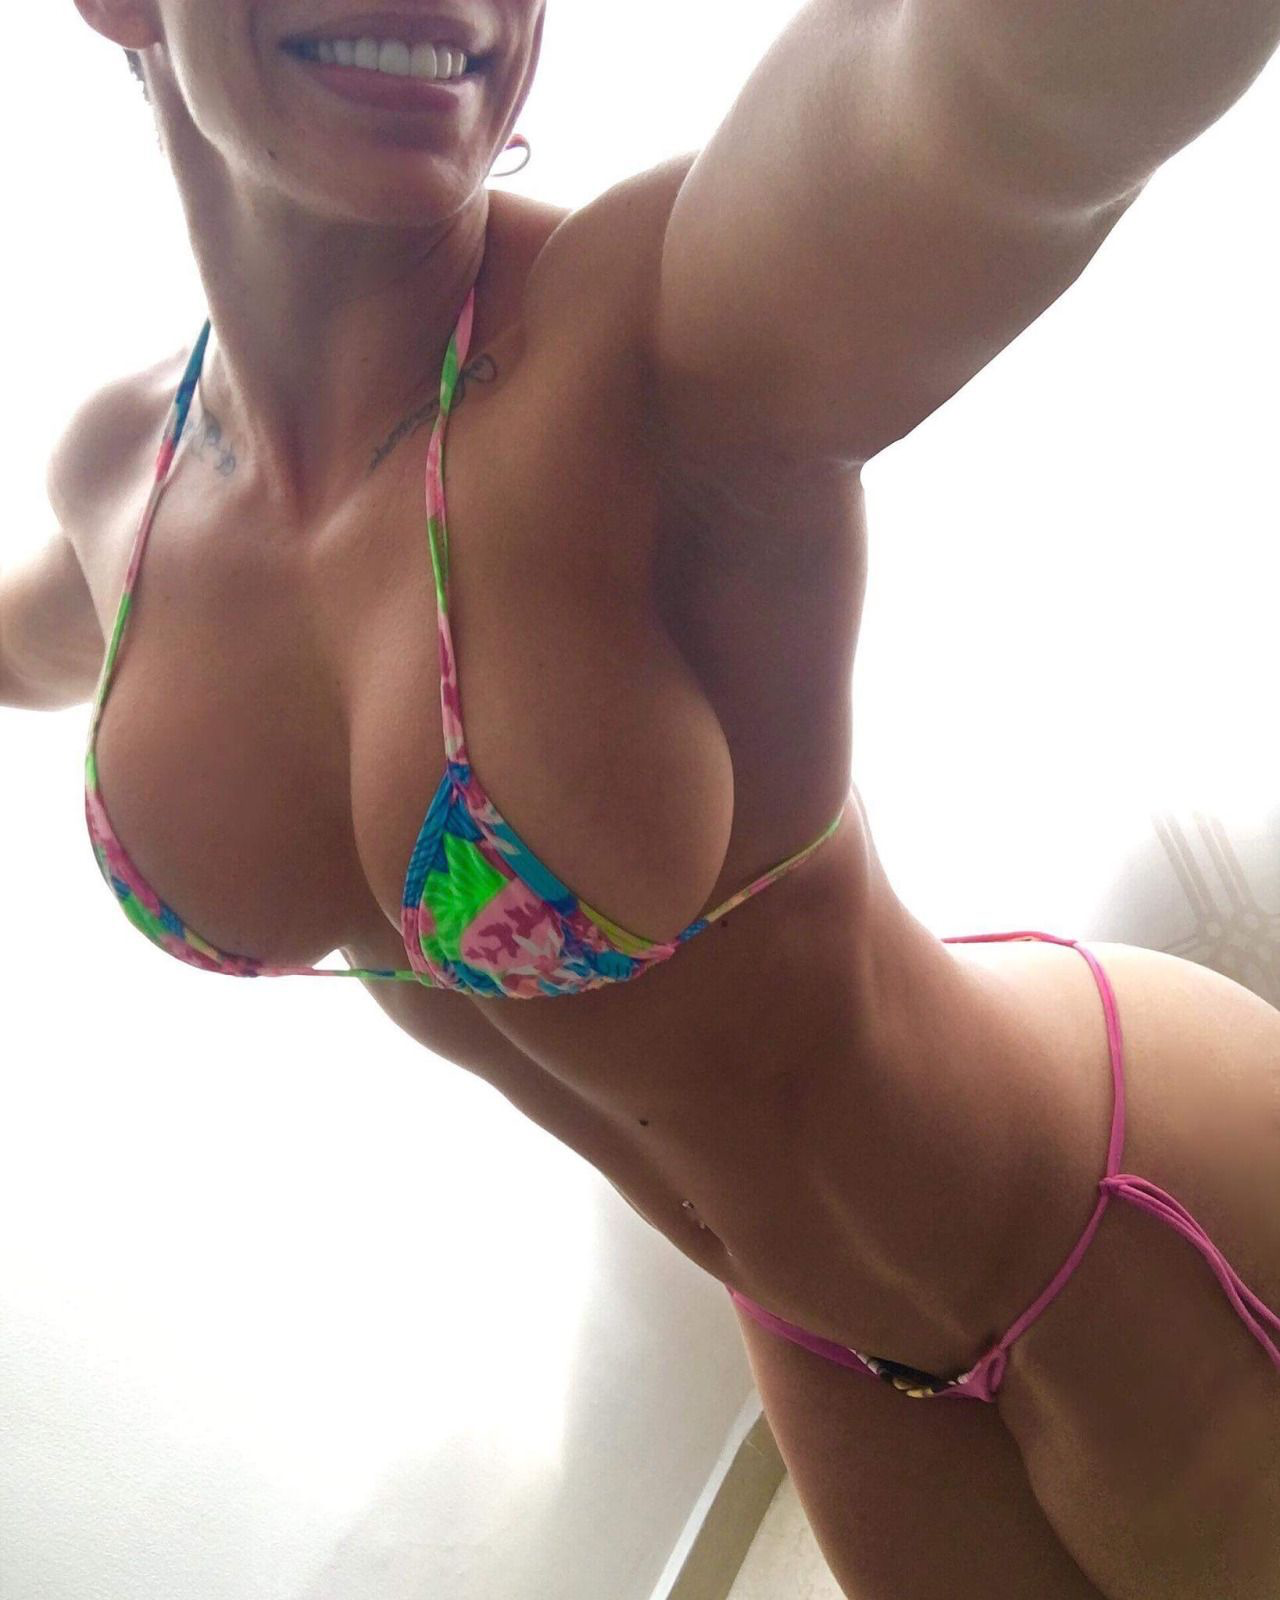 Nackt perfekter frauenkörper Nackte Frau